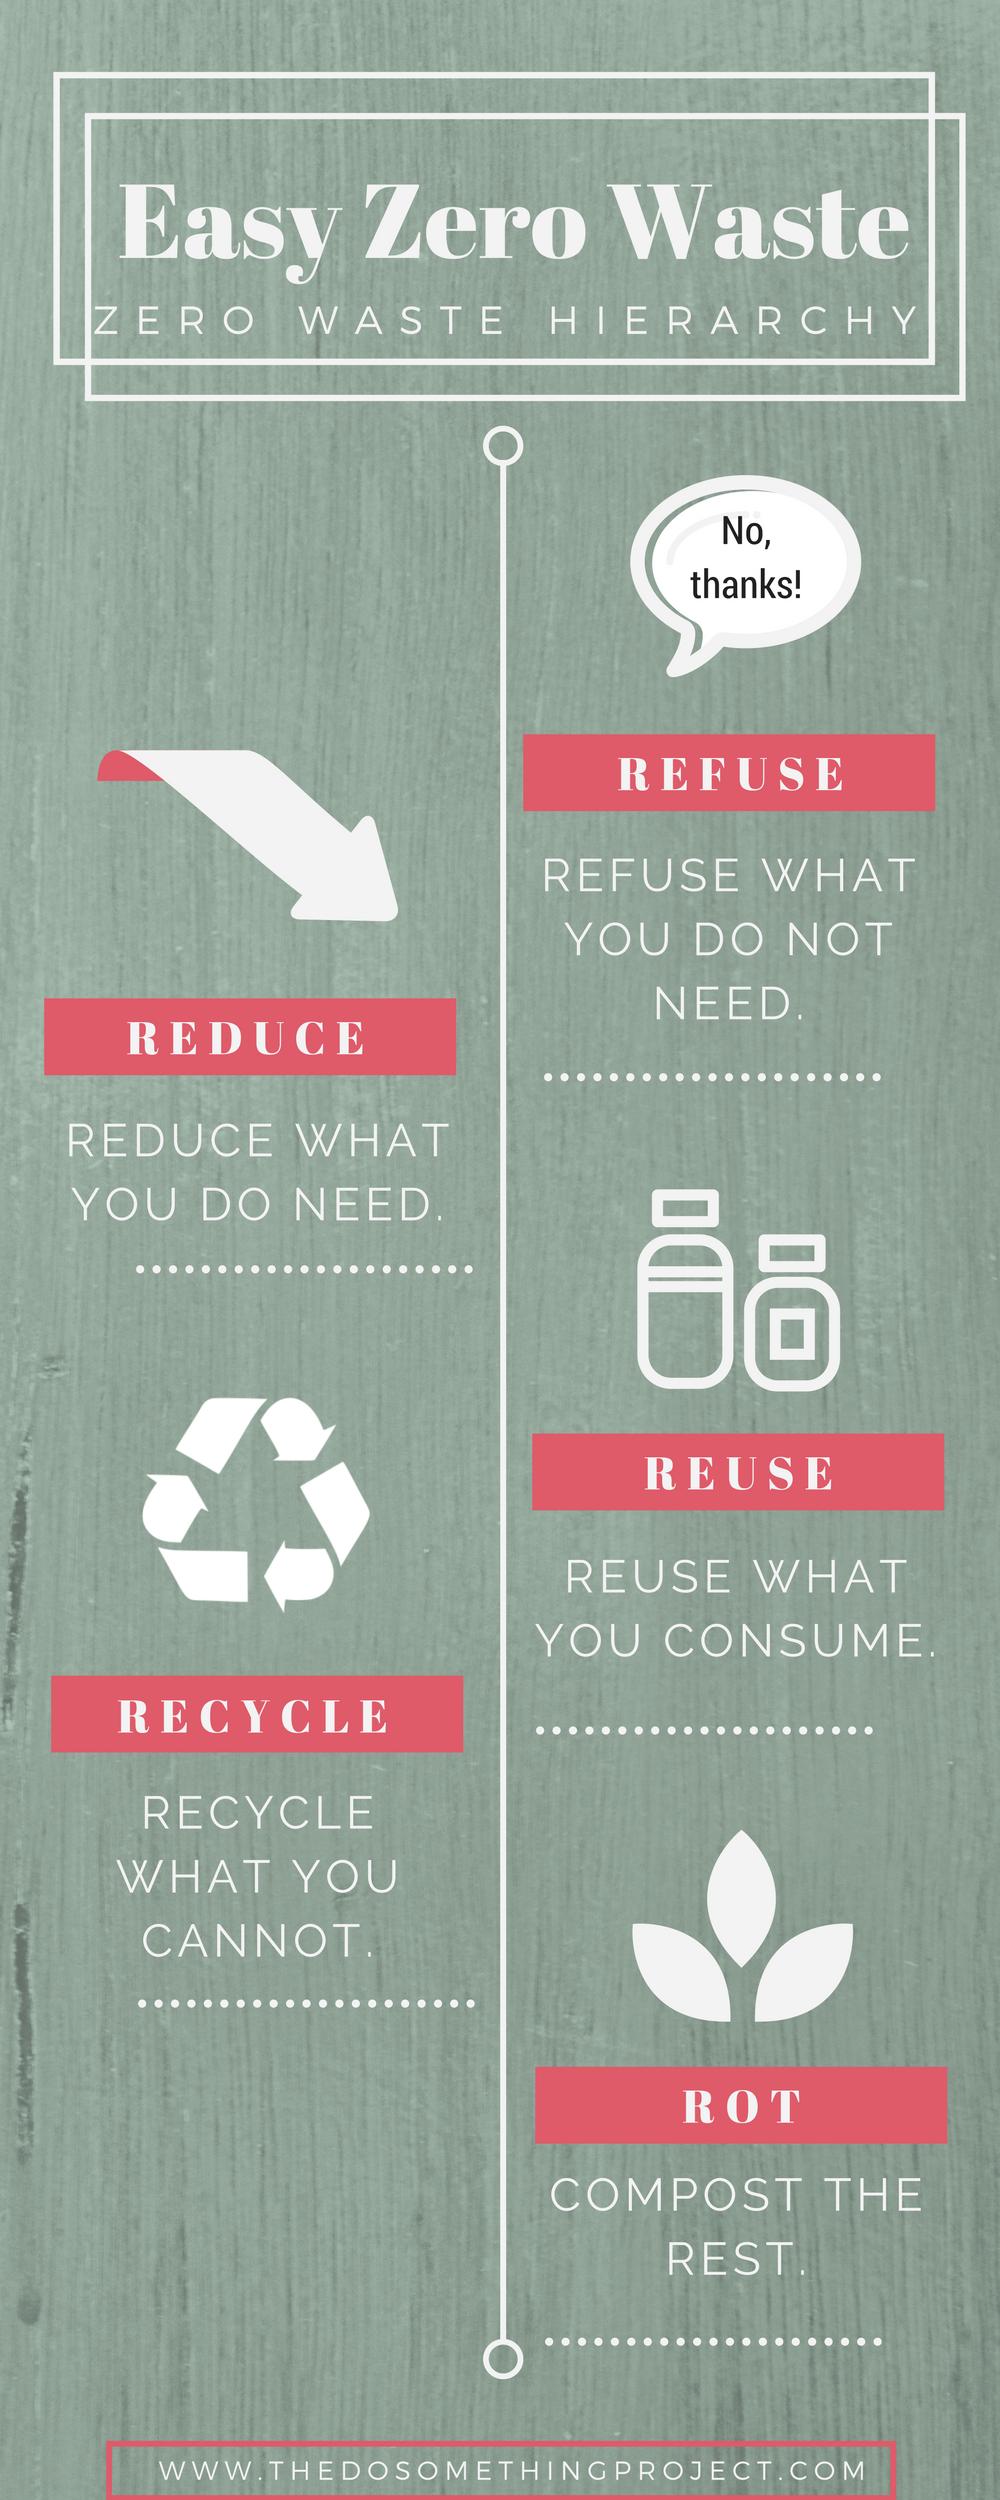 zero-waste-hierarchy.png